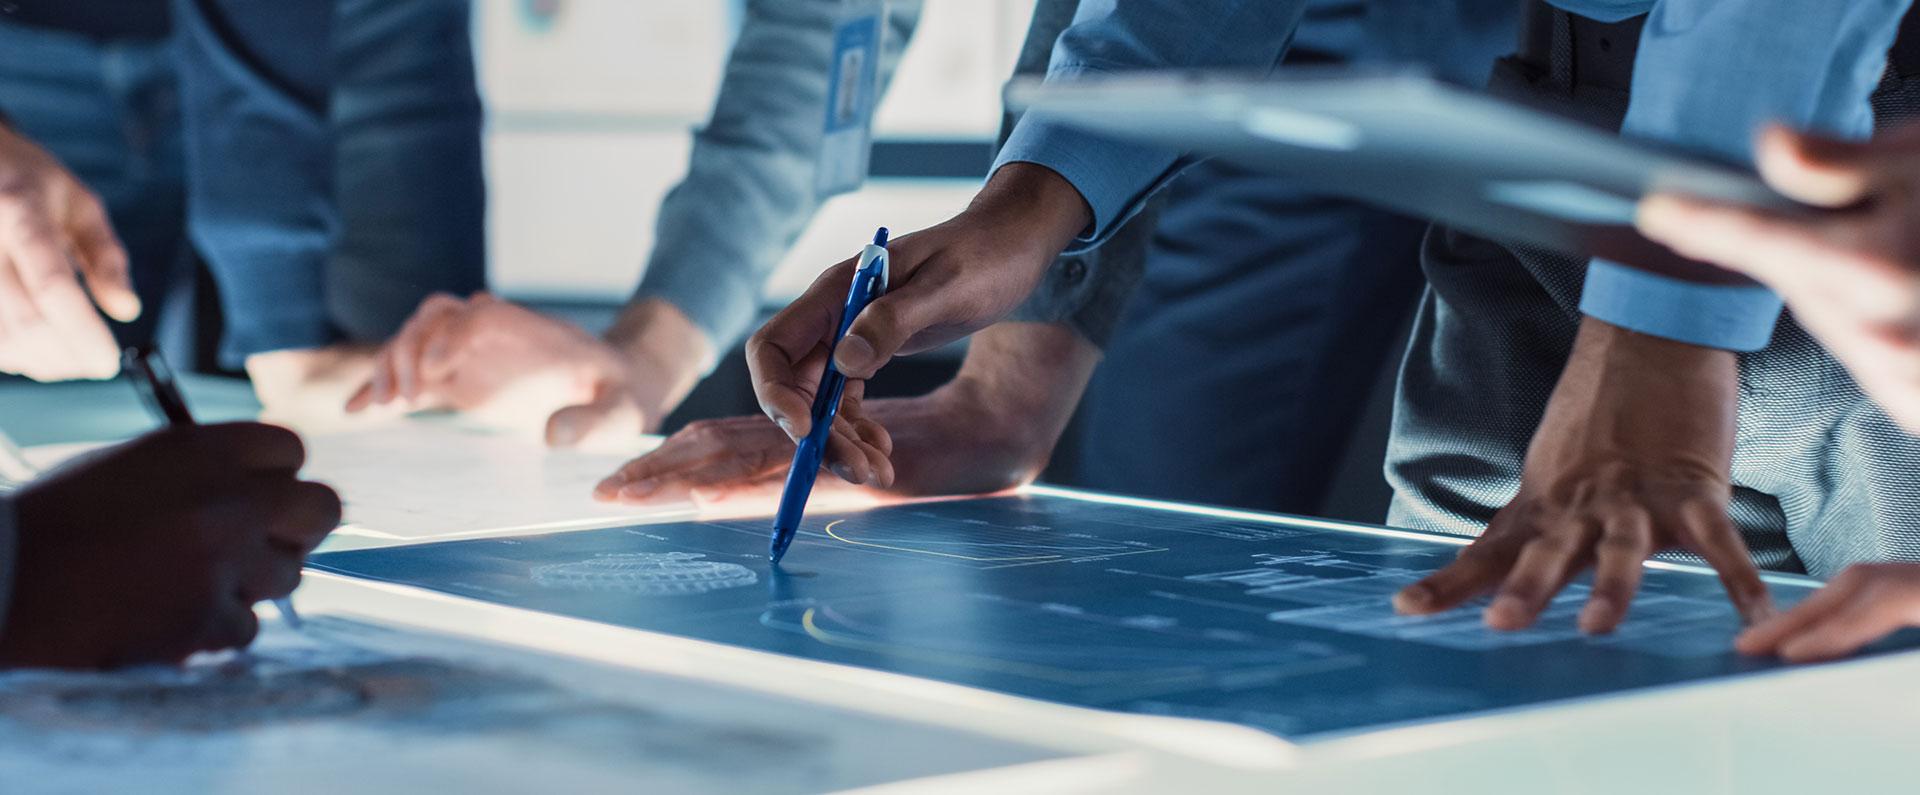 Teamplanung, jemand hält einen Stift auf eine Blaupause